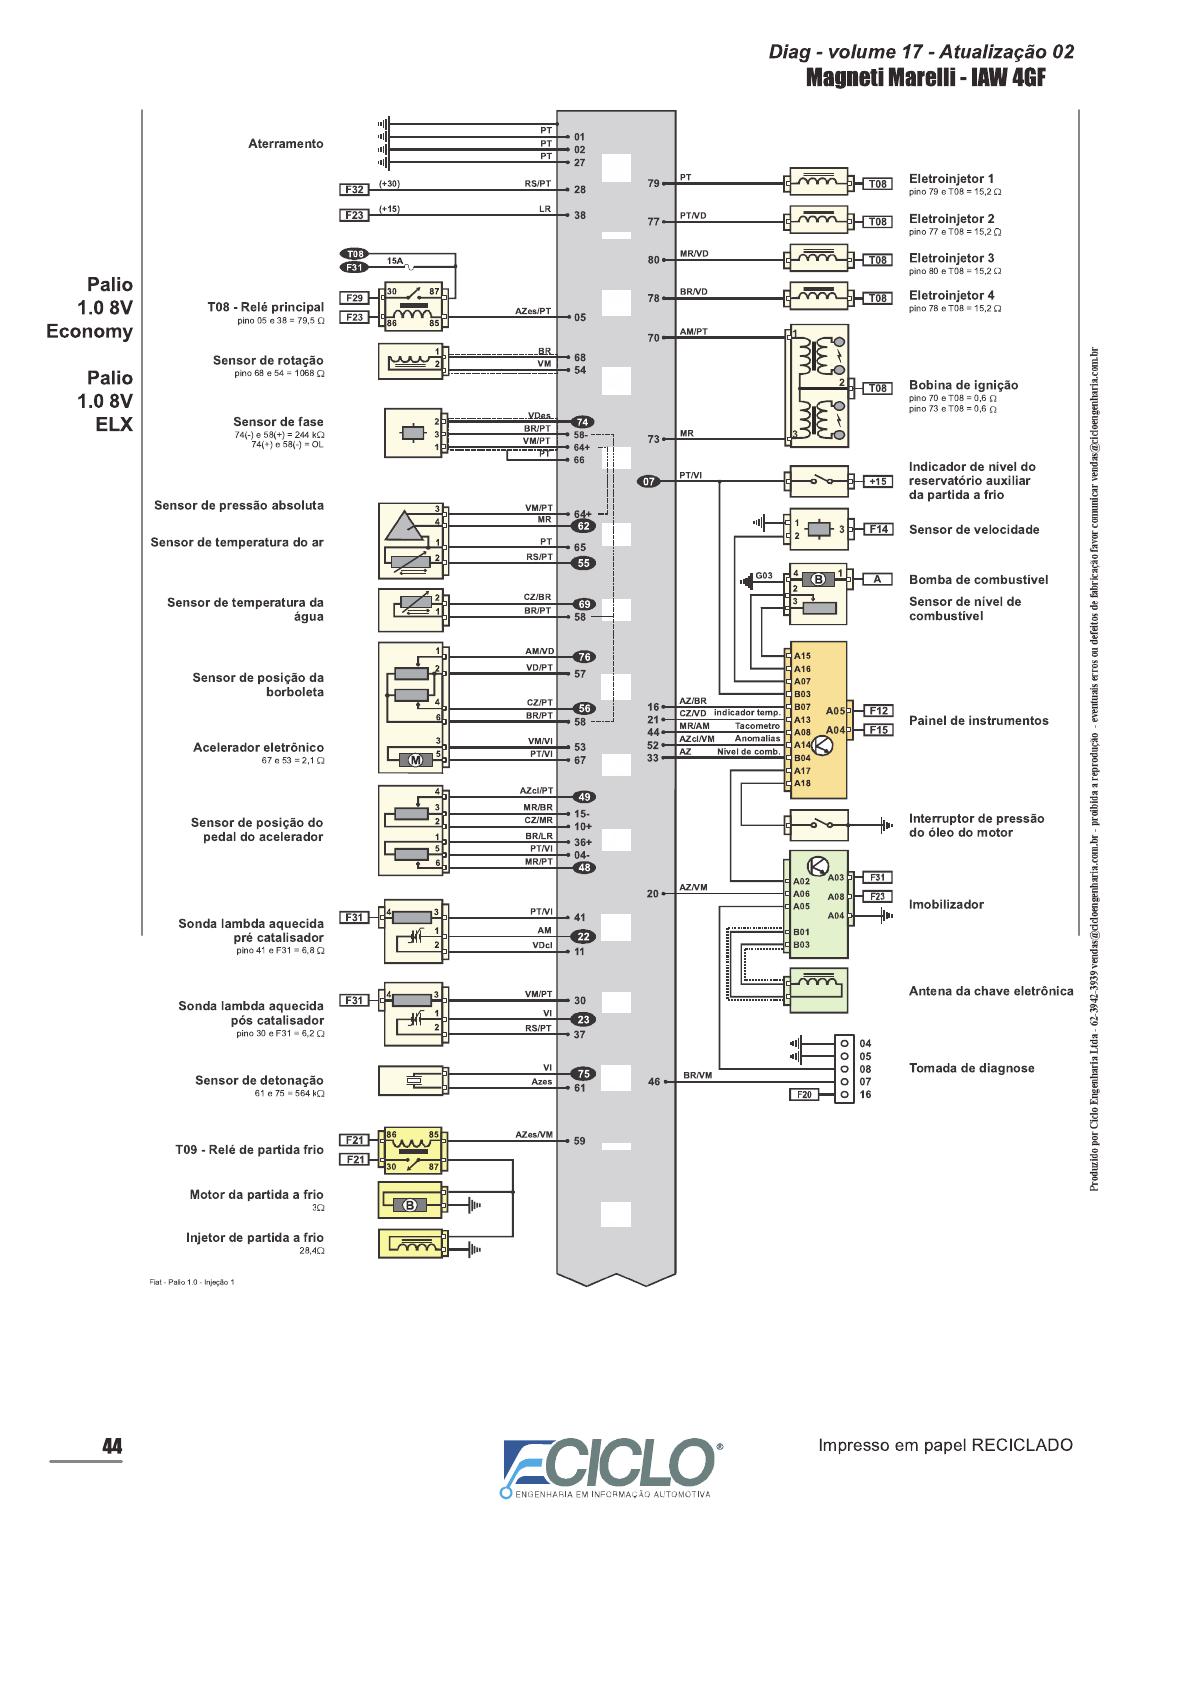 Diagrama El U00e9trico Referente Ao Sistema De Inje U00e7 U00e3o